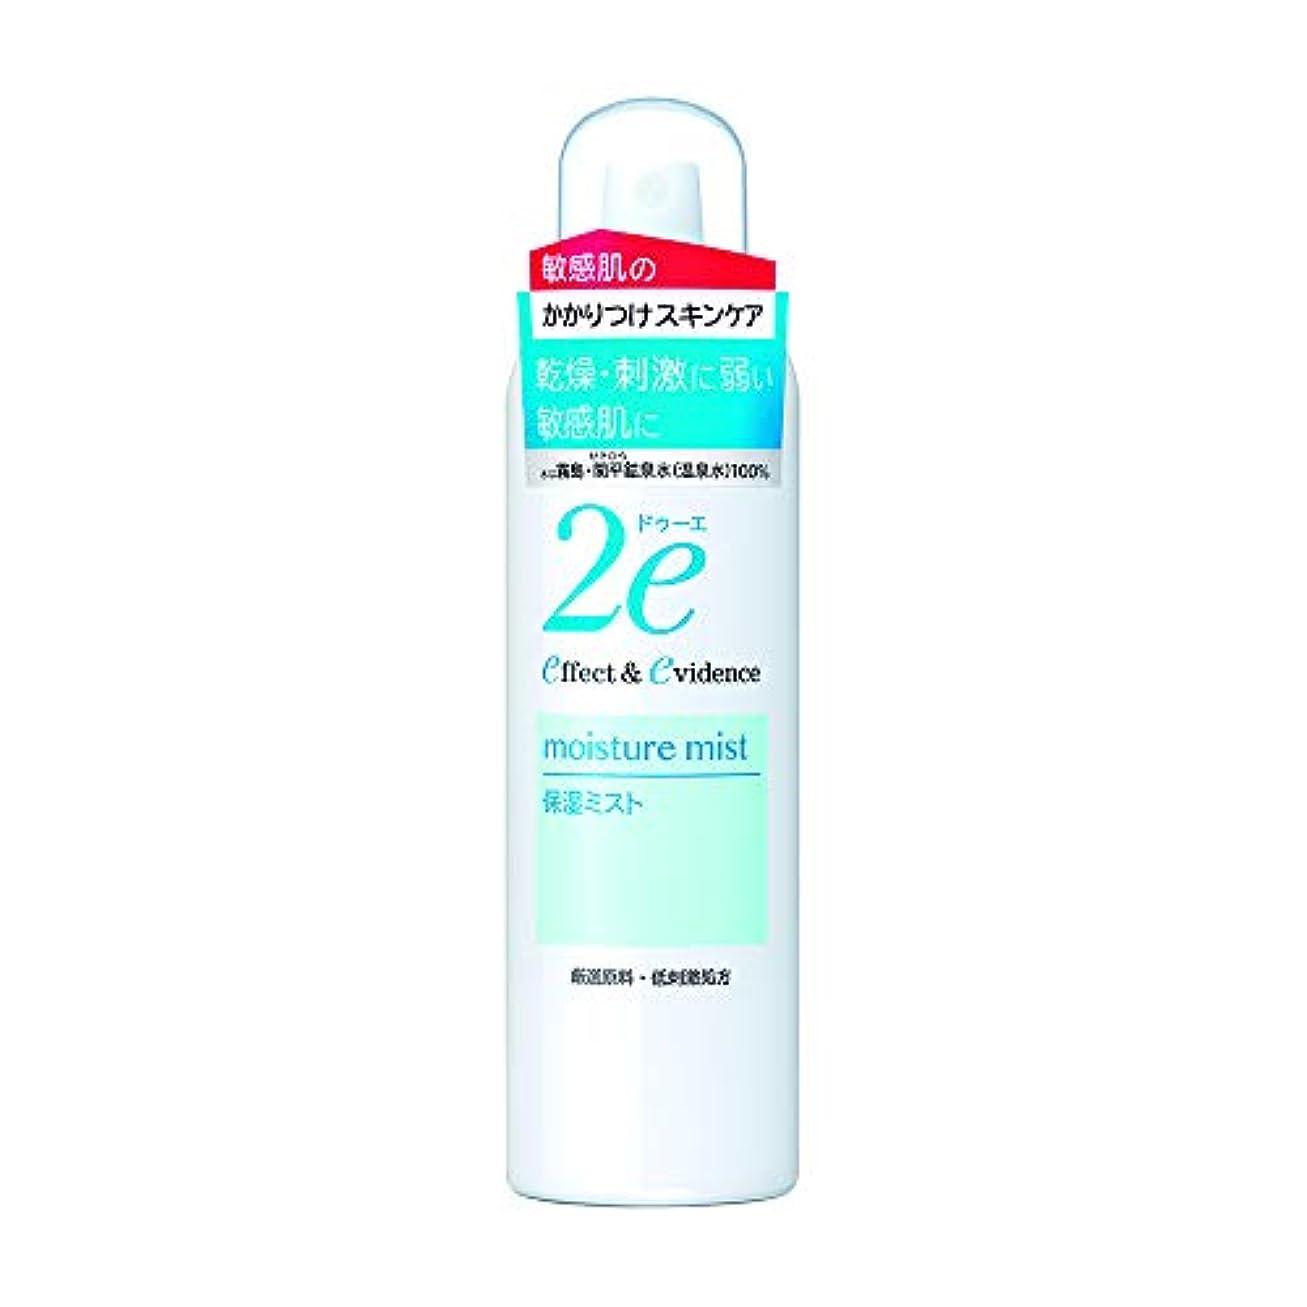 才能のあるチャンピオン外観2e(ドゥーエ) 保湿ミスト 敏感肌用化粧水 スプレータイプ 低刺激処方 180g